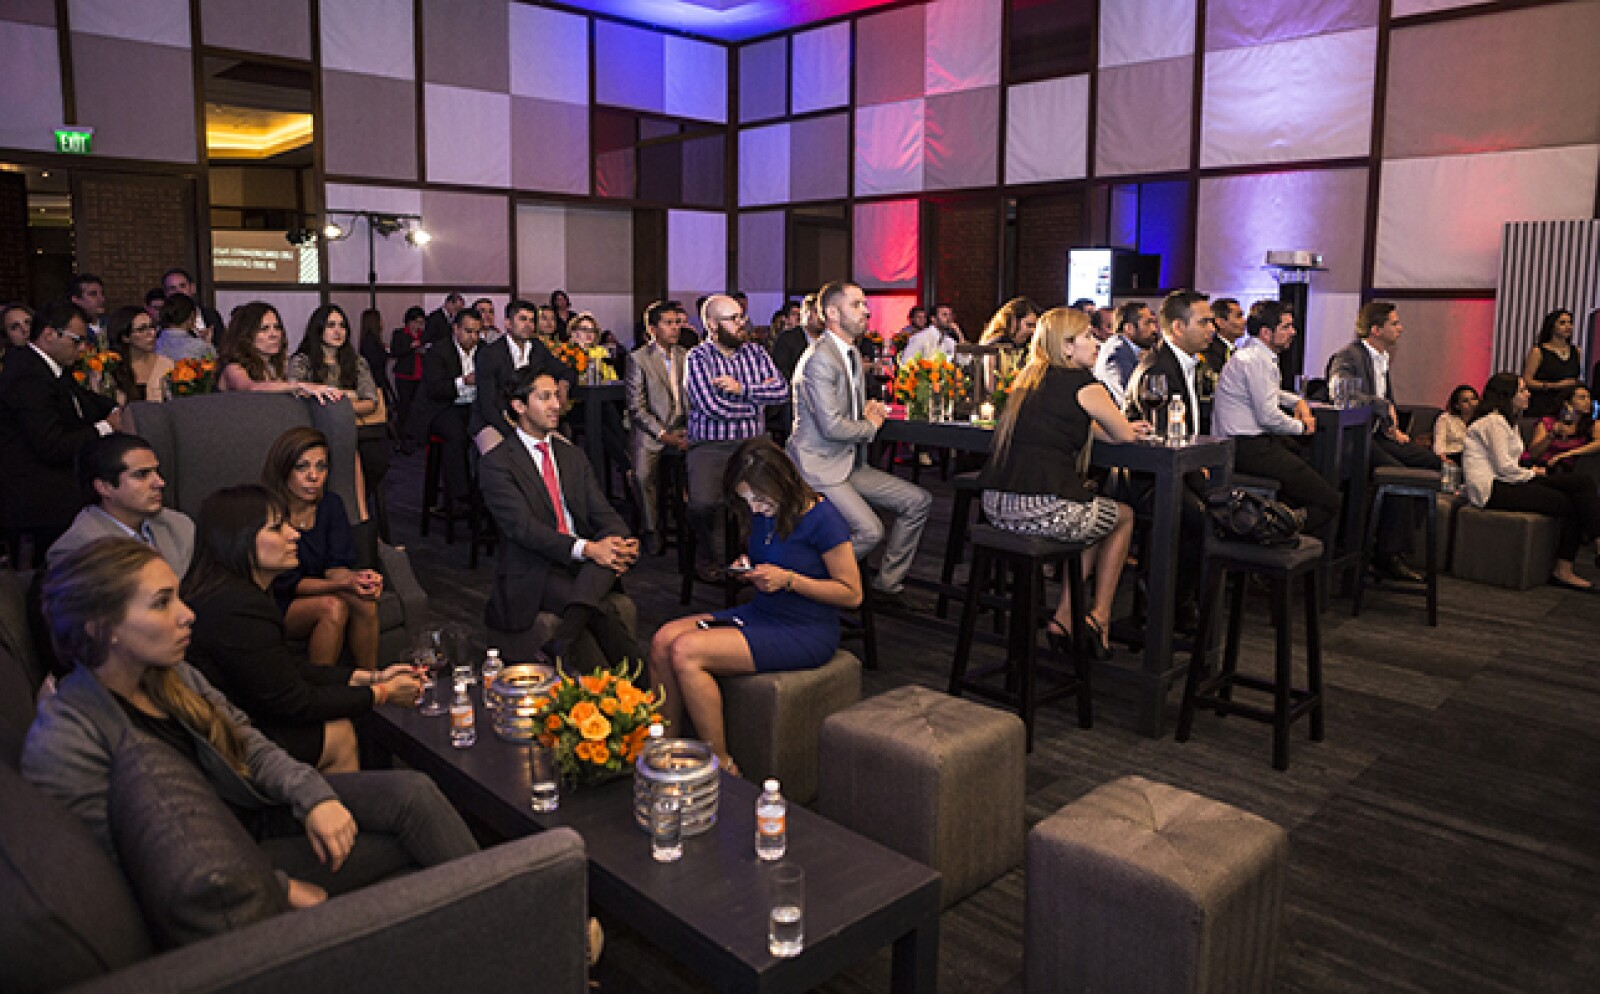 Por la noche, emprendedores, ejecutivos de grandes compañías y del sector público se reunieron para presenciar la presentación oficial de los finalistas.